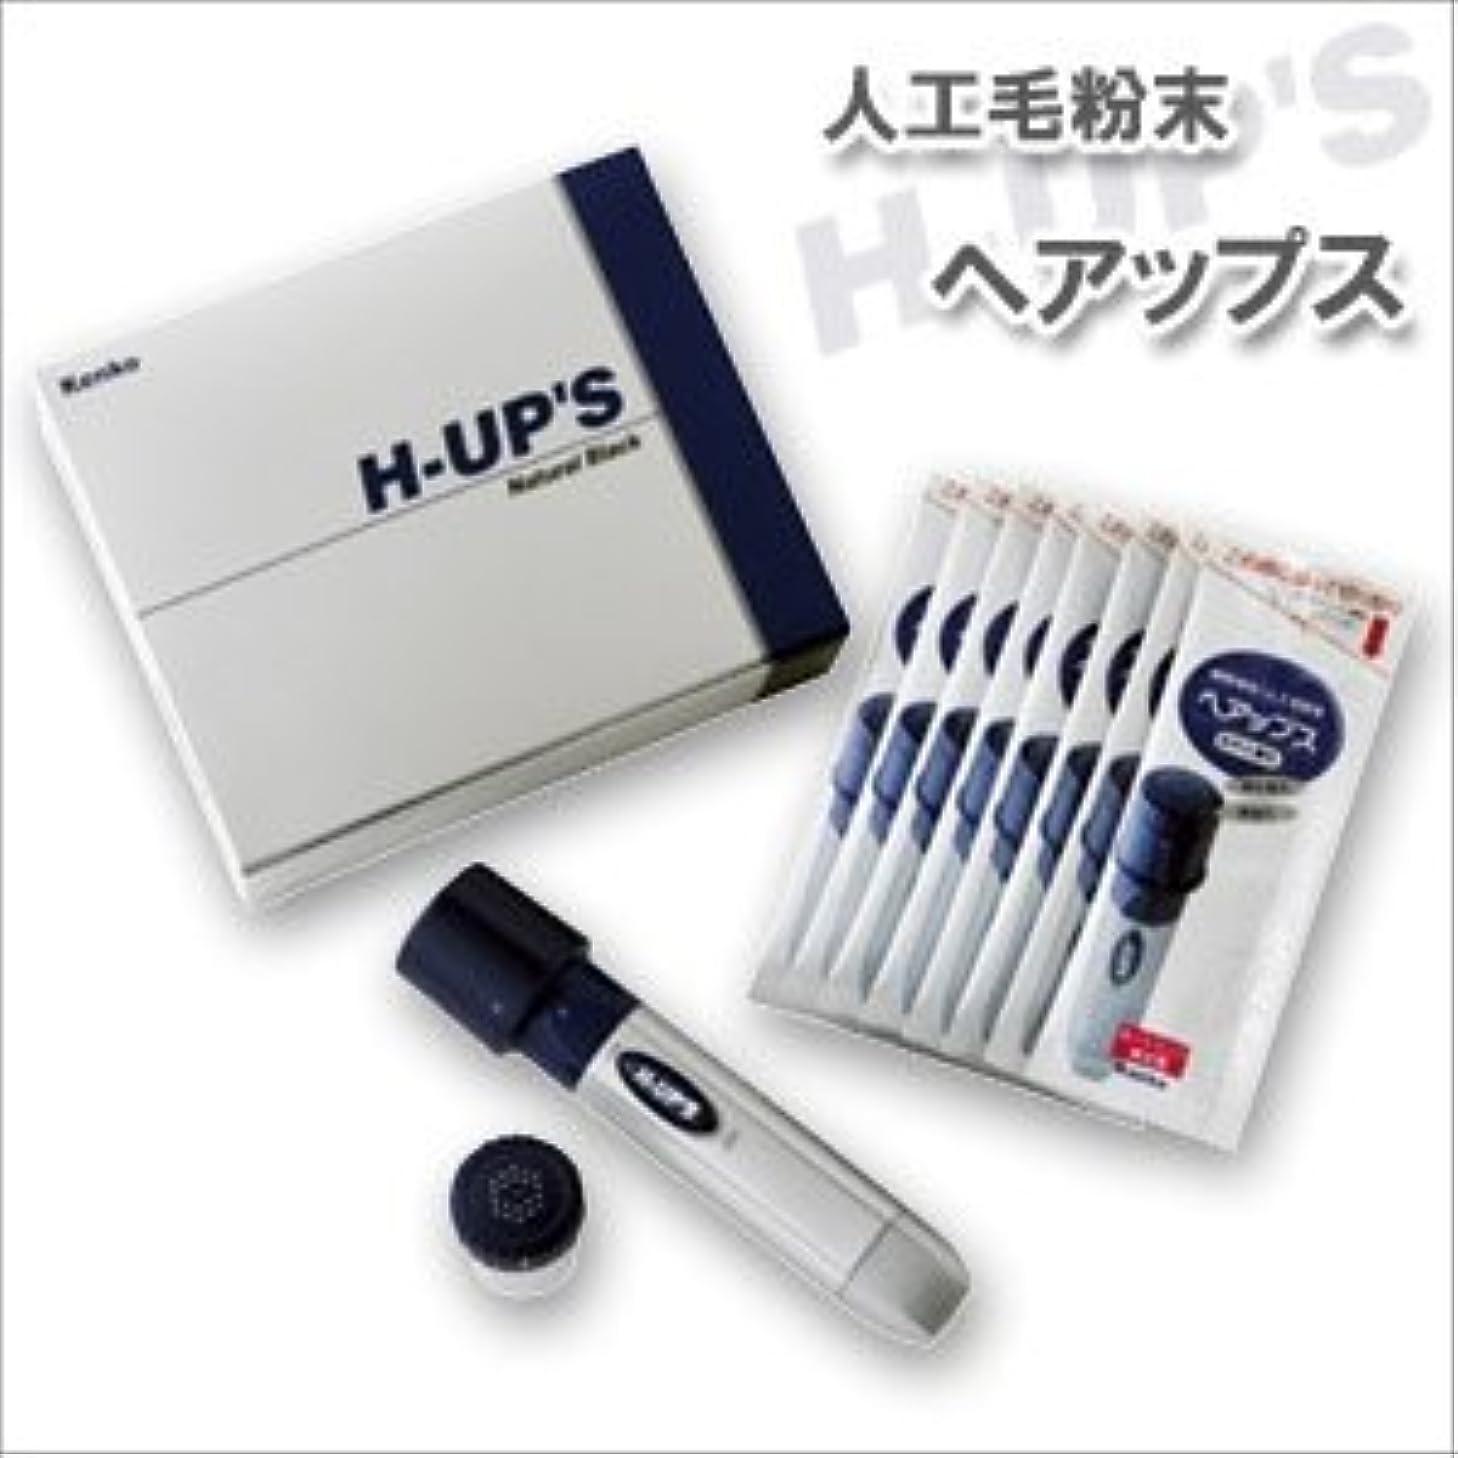 新しい意味送った動力学H-UP S ヘアップス 電動散布器本体 プラス 補充用カートリッジ 頭皮薄毛カバー粉末 ブラック